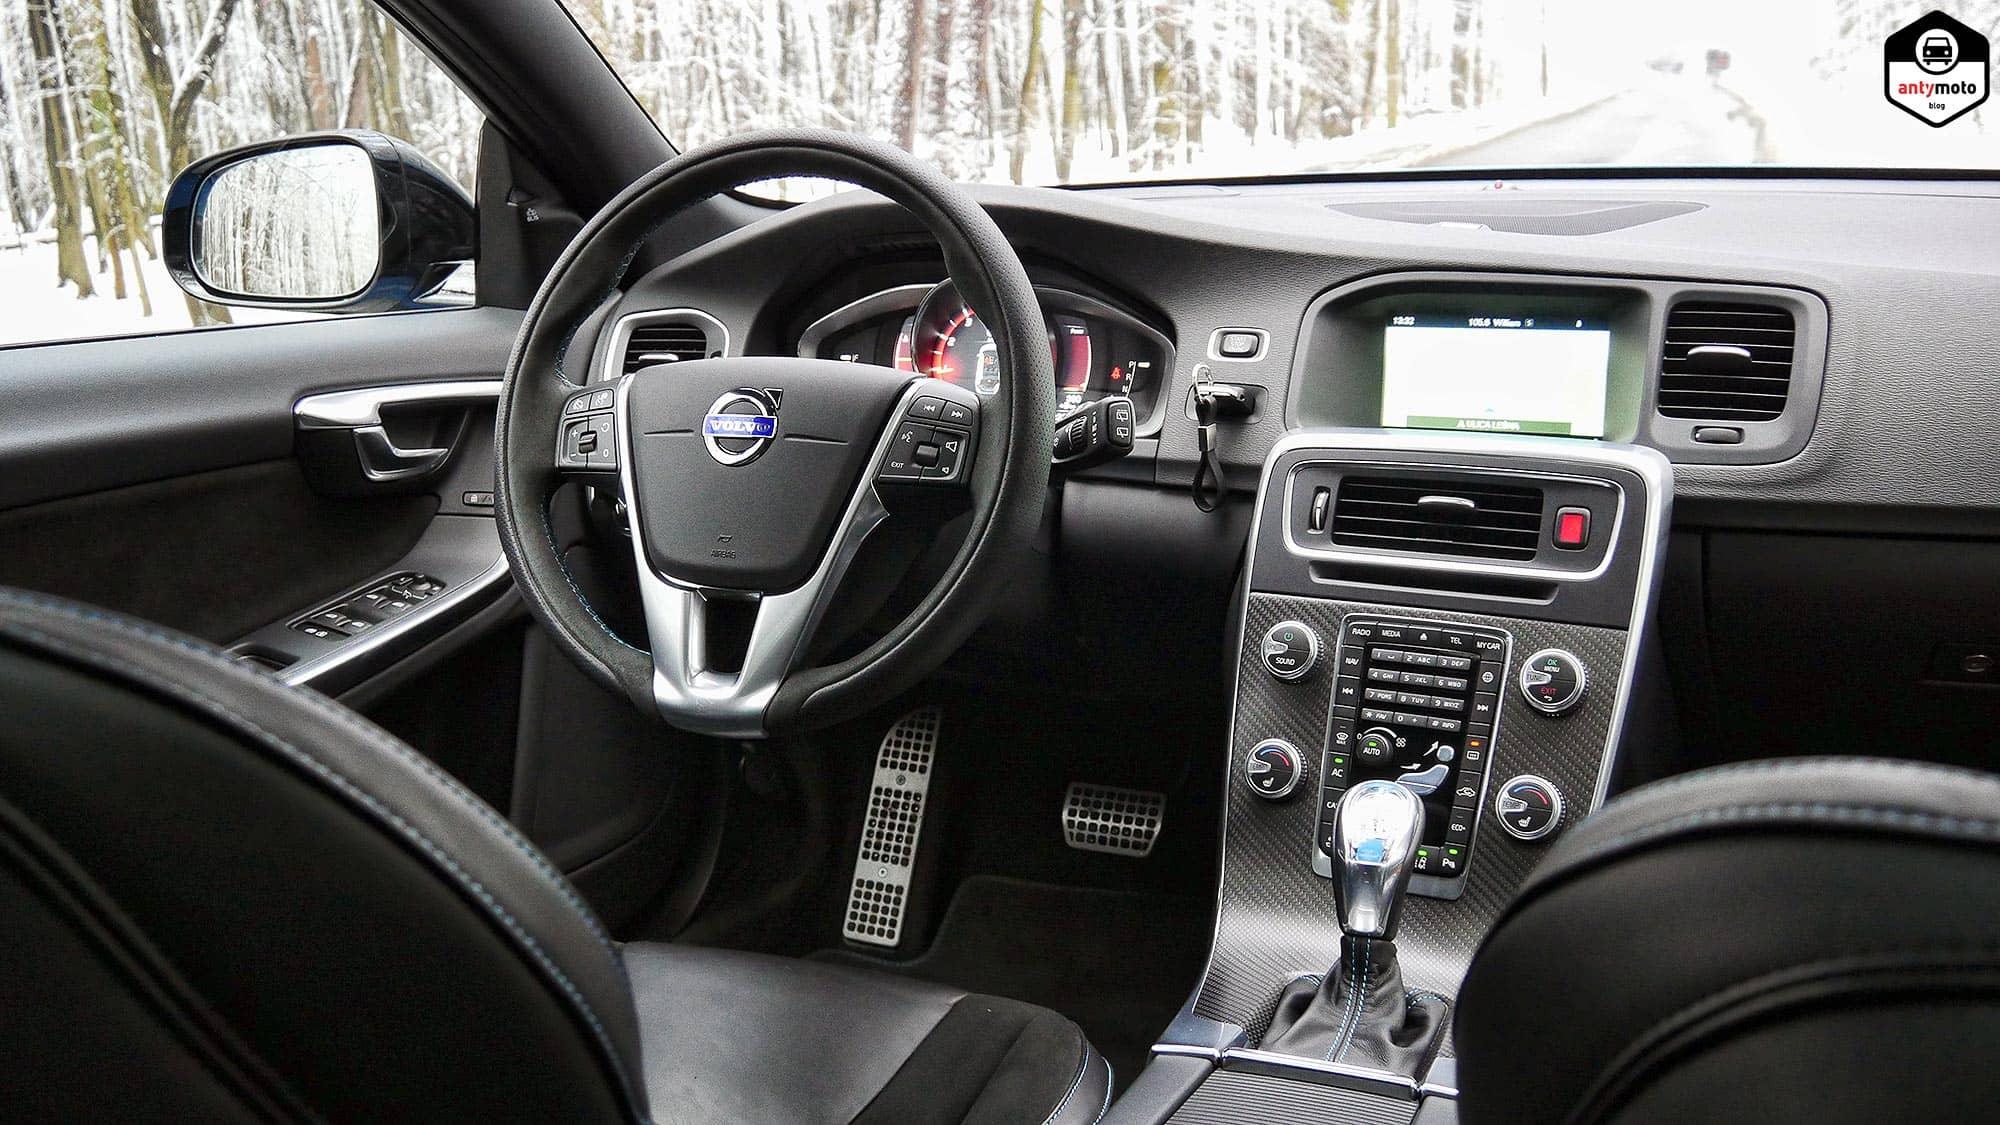 TEST: Volvo V60 Polestar